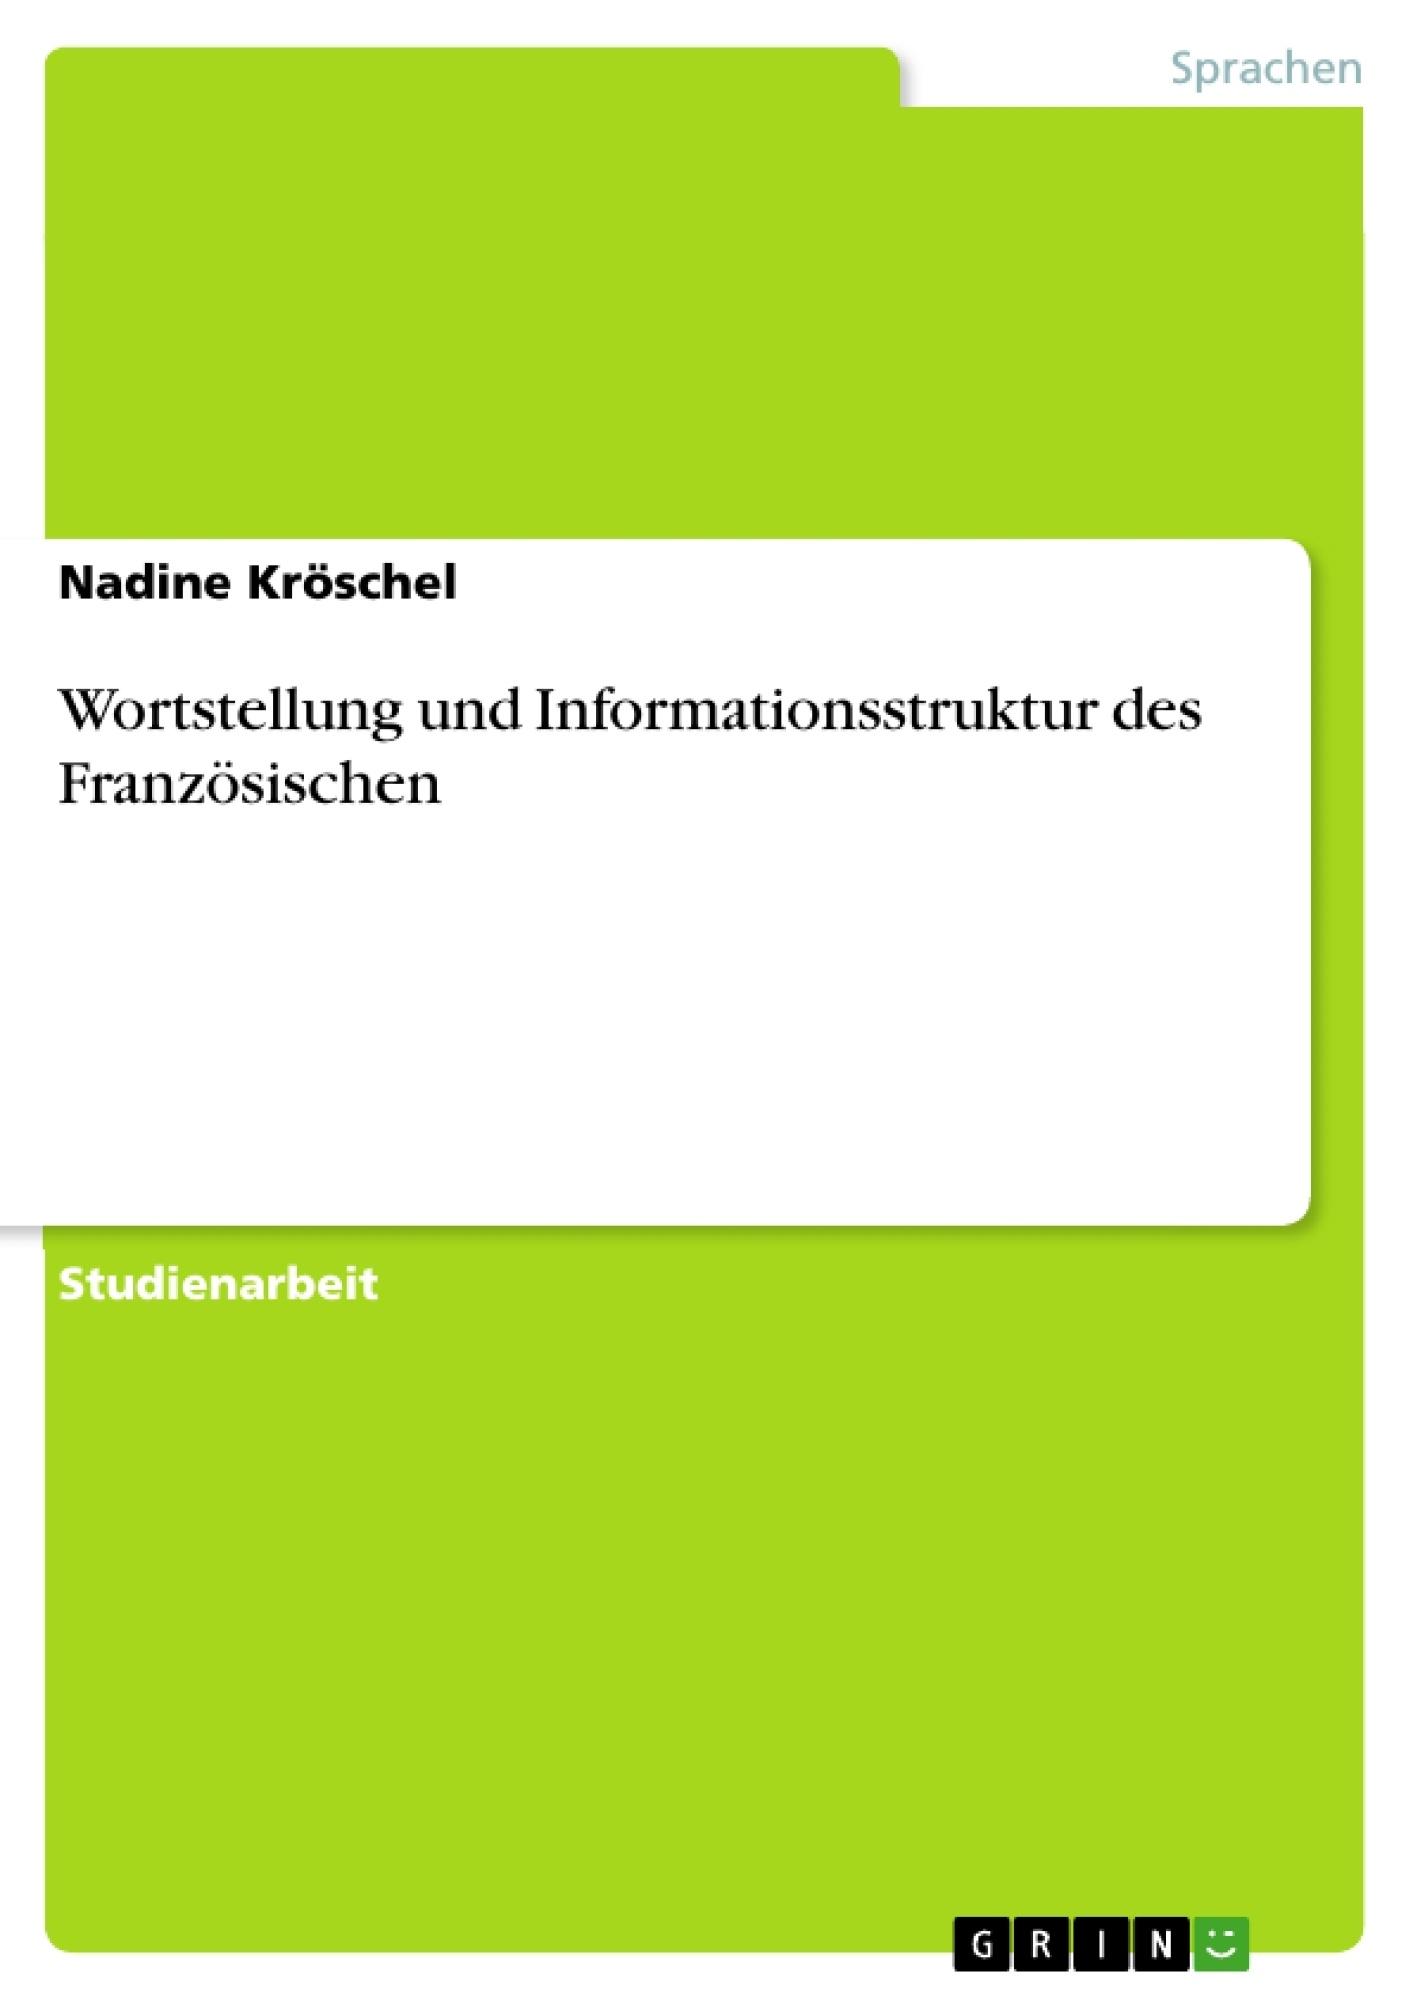 Titel: Wortstellung und Informationsstruktur des Französischen